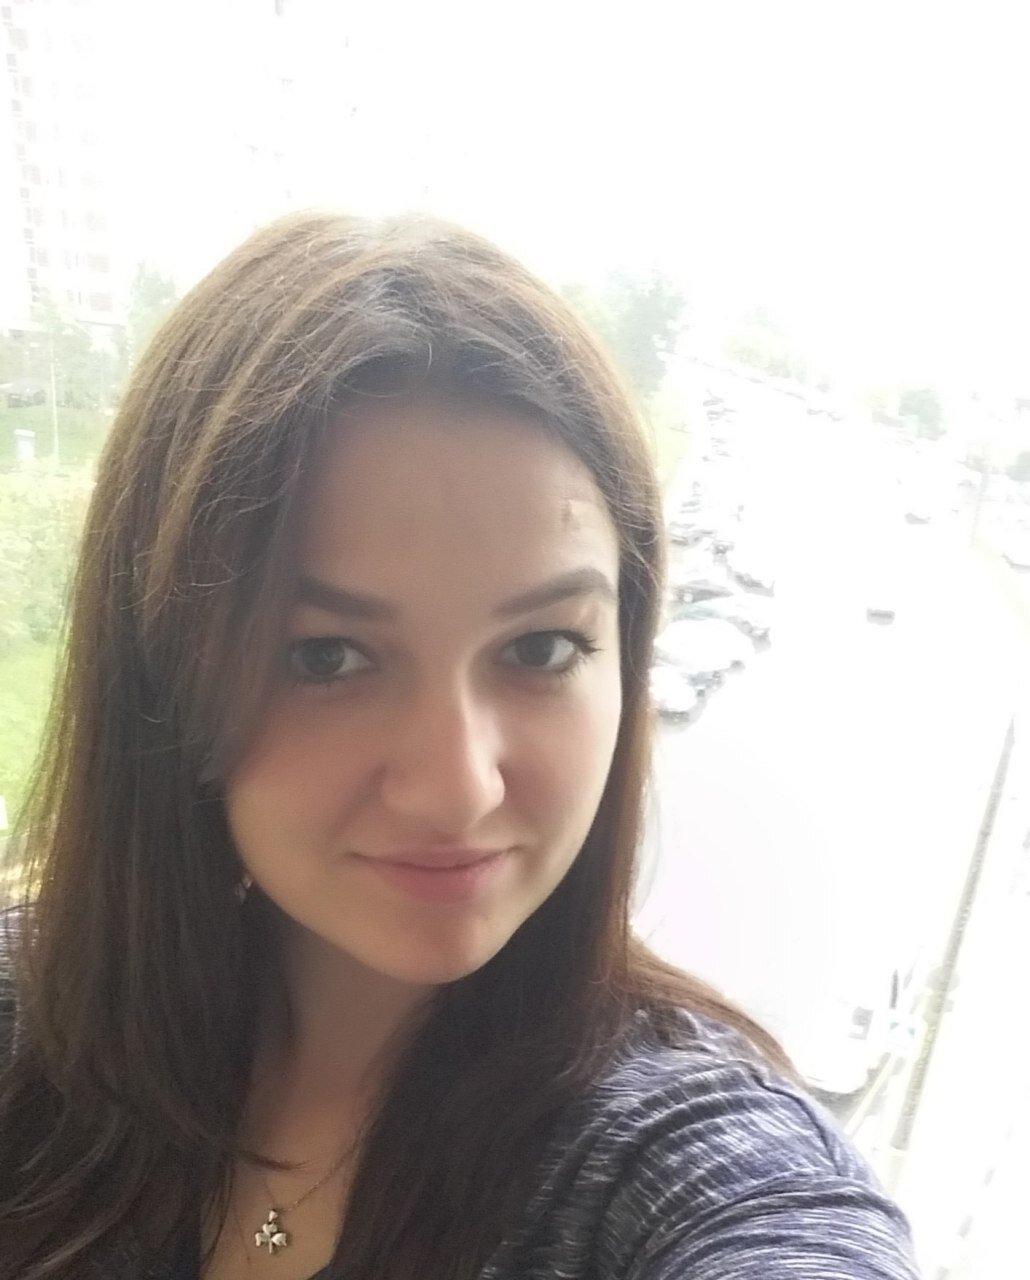 Zhenya Chernysheva